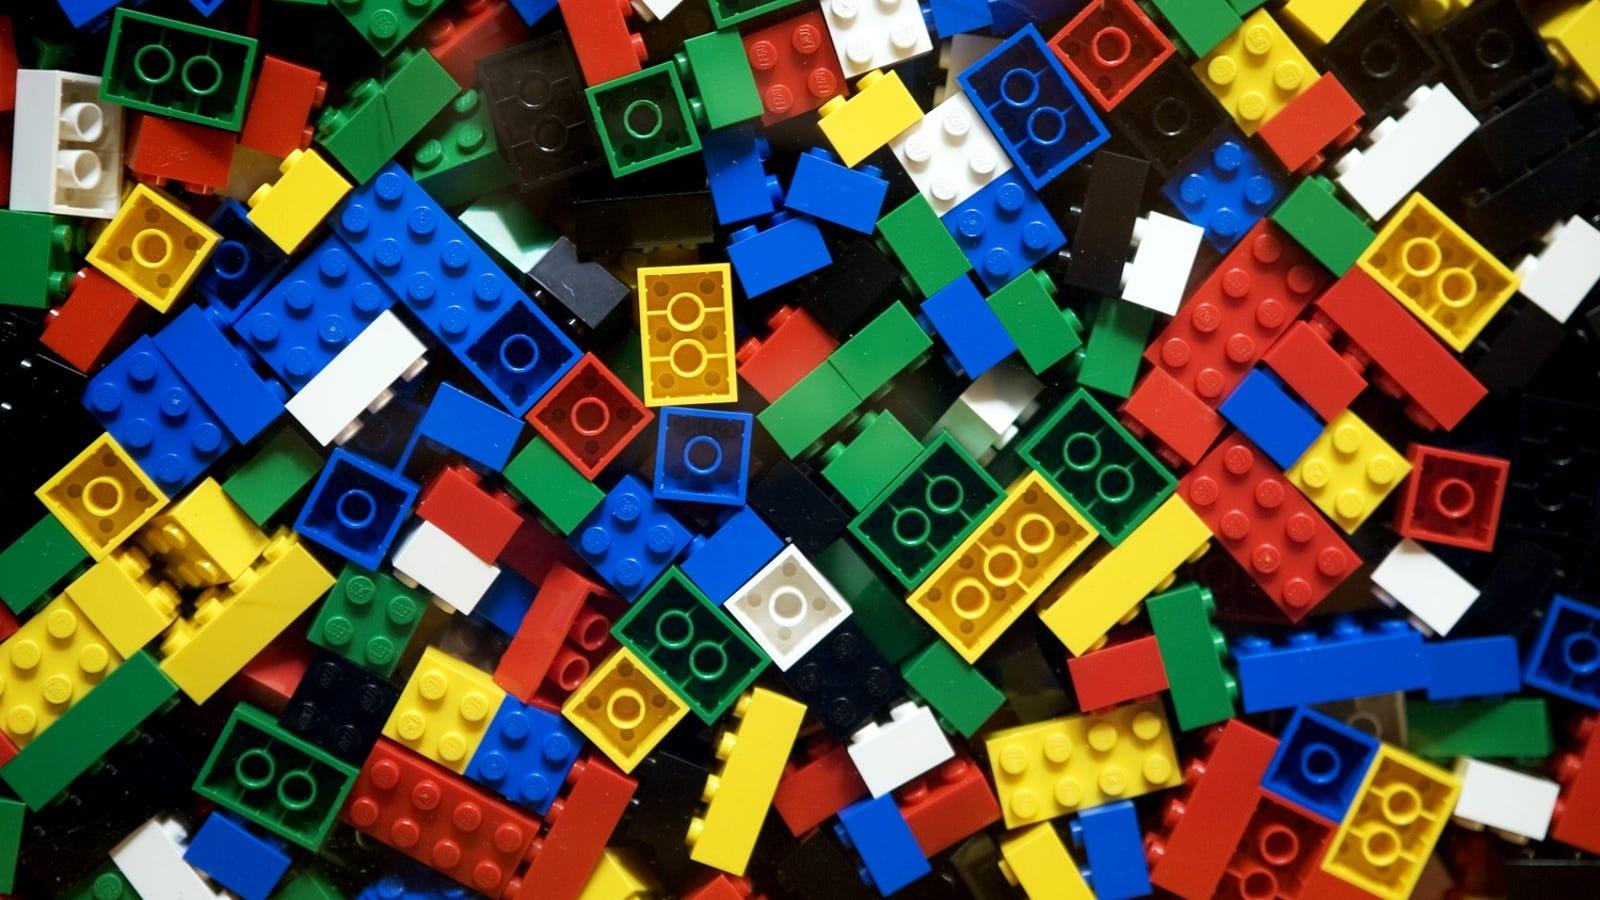 5 cosas útiles que puedes construir con los LEGO de tus hijos